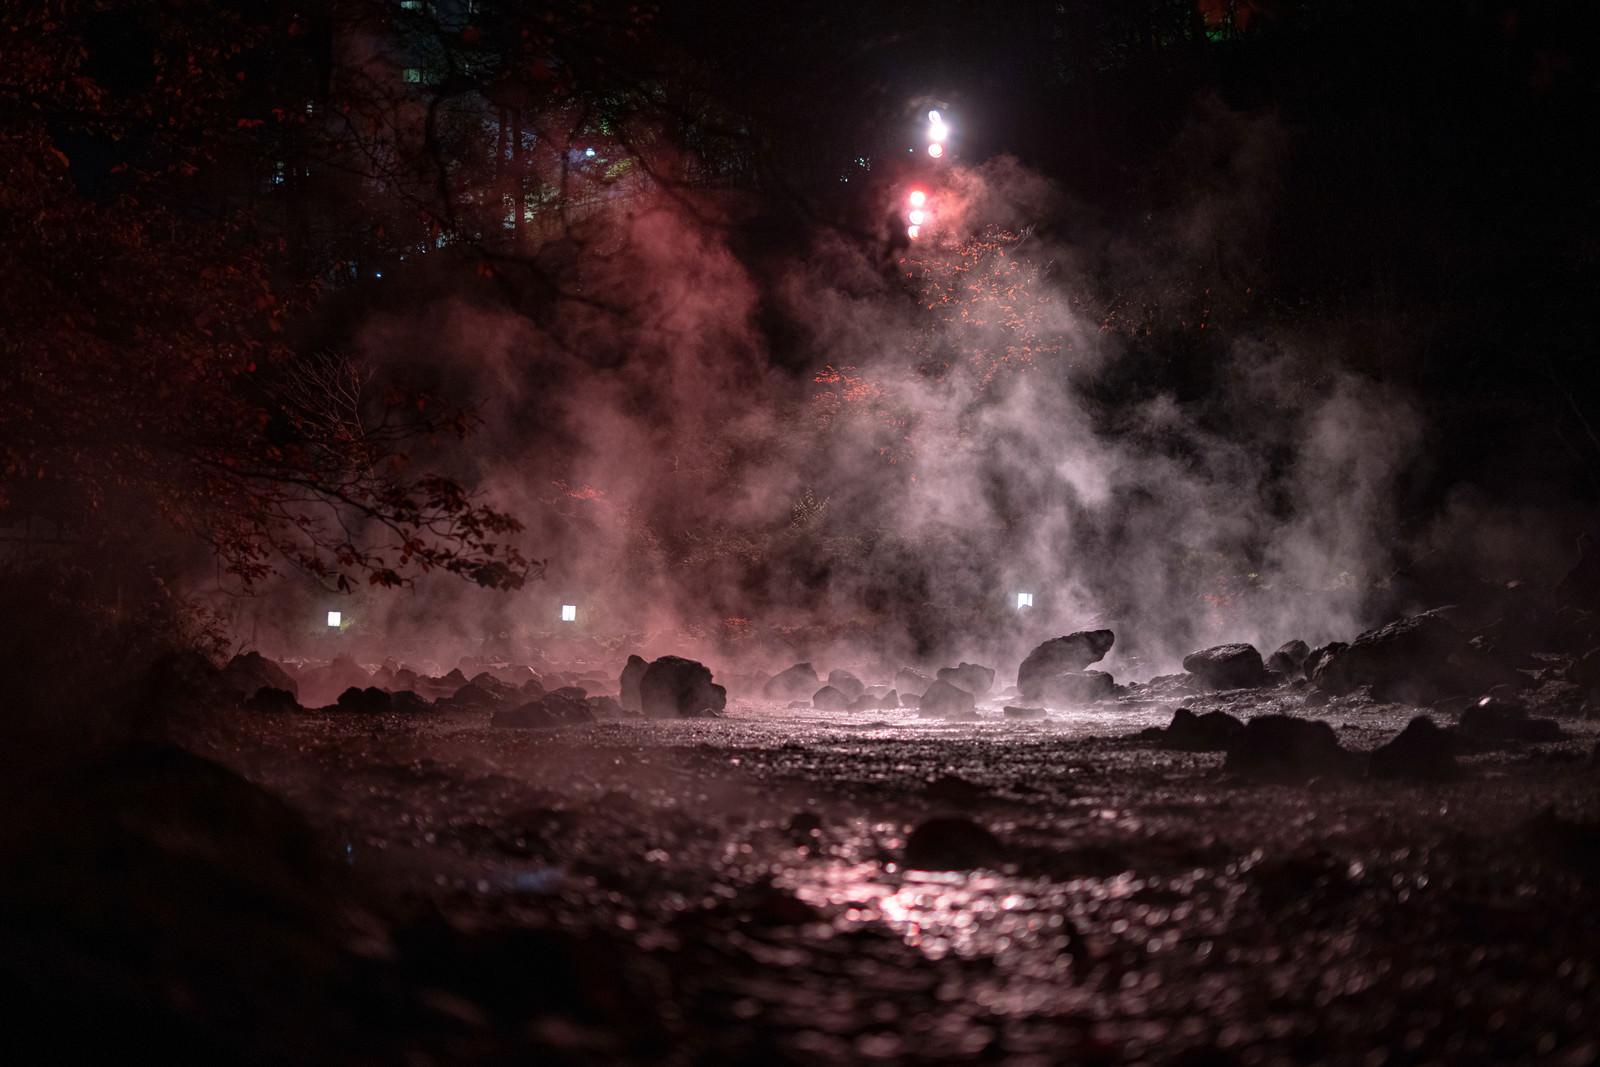 「西の河原公園の湯気とライトアップの様子」の写真